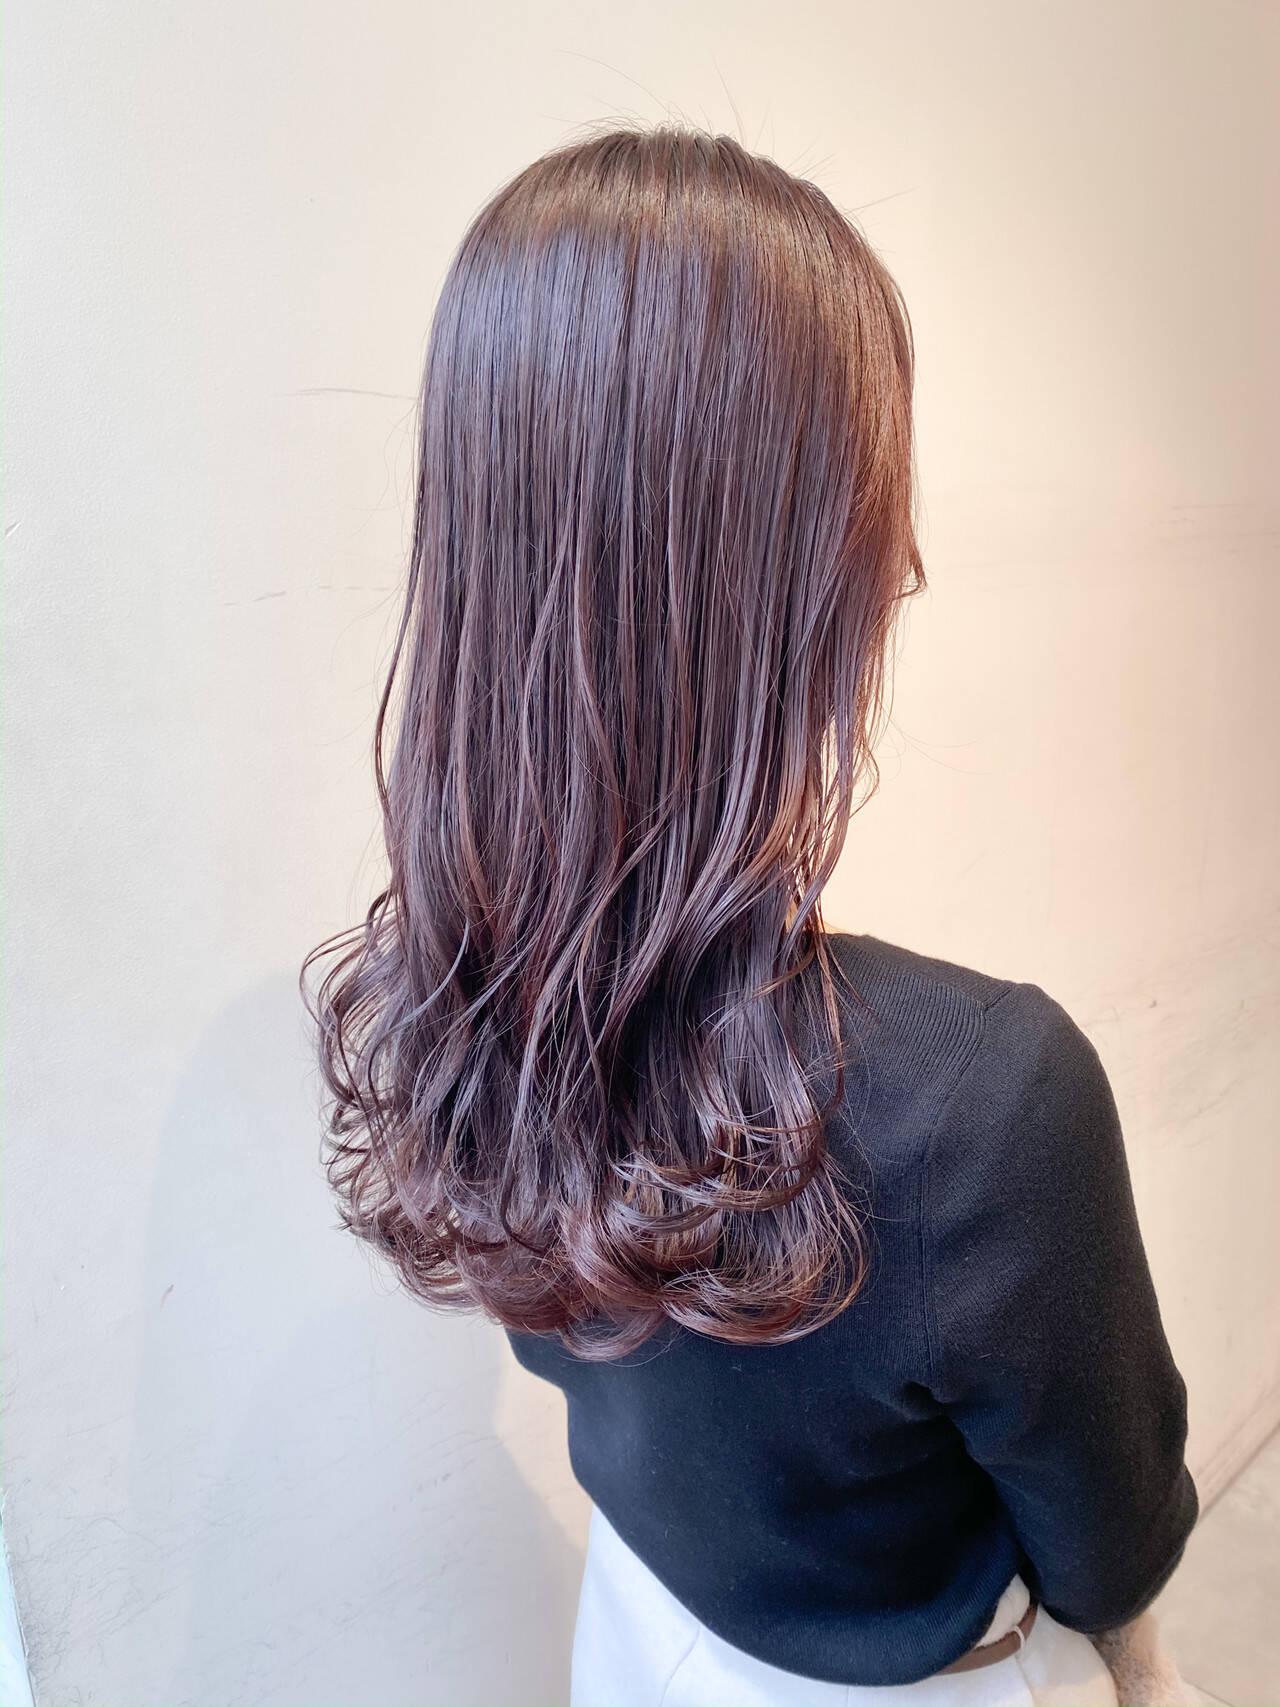 ピンクアッシュ セミロング フェミニン ピンクバイオレットヘアスタイルや髪型の写真・画像